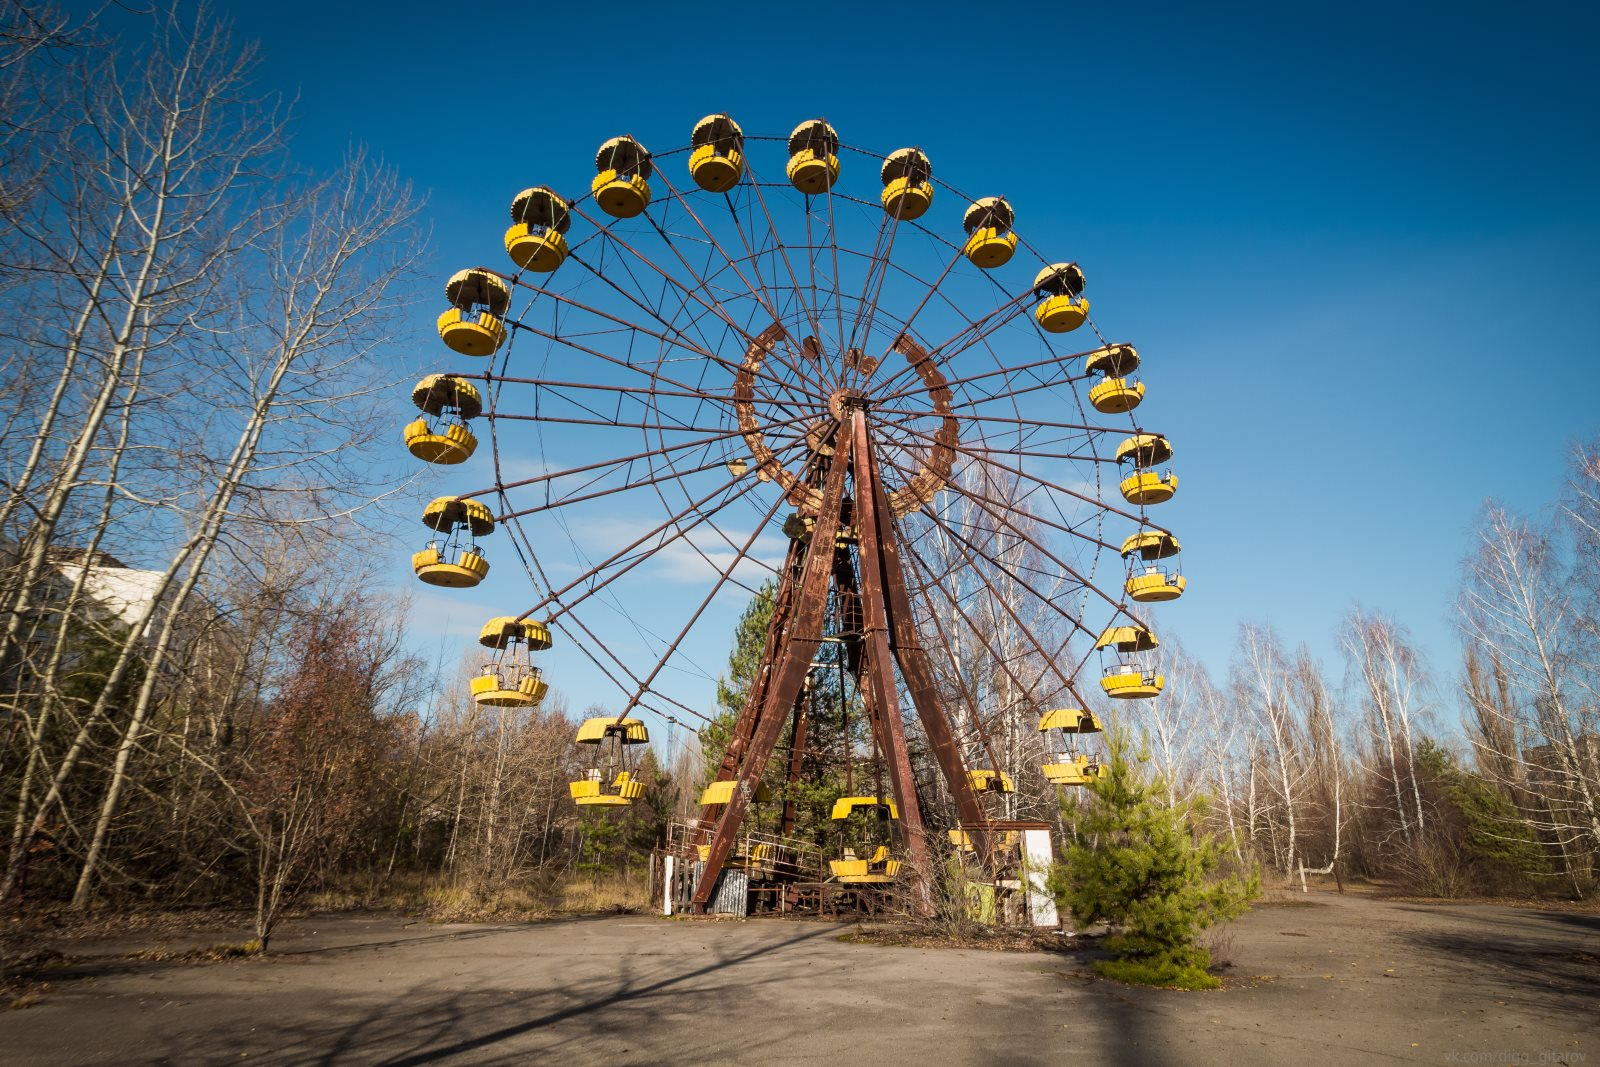 Wycieczka do Czarnobyla na własną rękę. Co zabrać, o czym pamiętać?